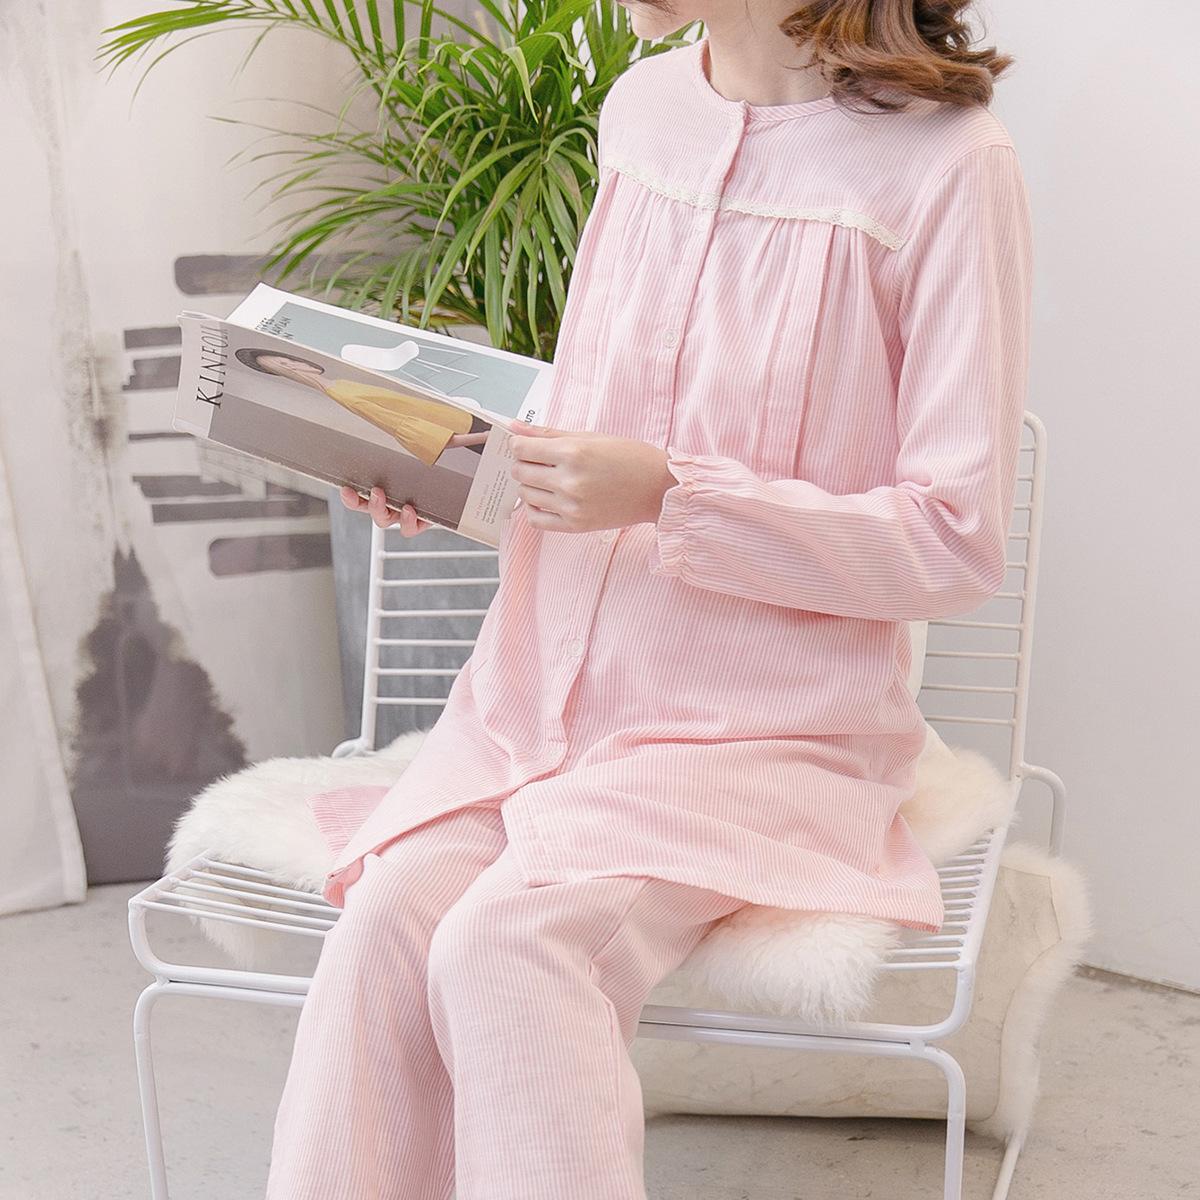 月子服春秋纯棉纱布产后哺乳衣竖条孕妇睡衣长